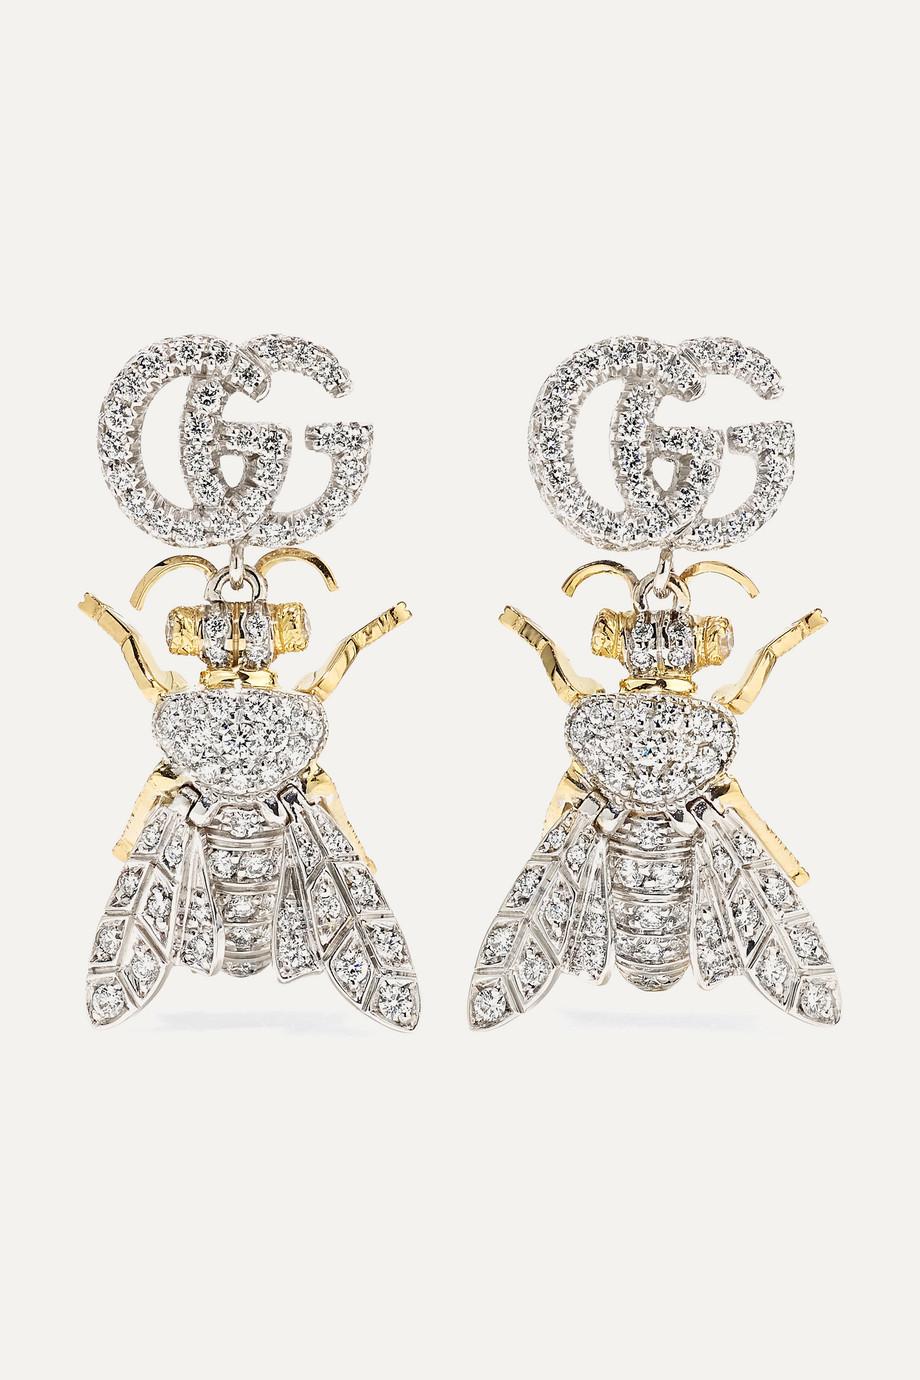 Gucci Le Marché des Merveilles 18K 黄金、18K 白金、钻石耳环